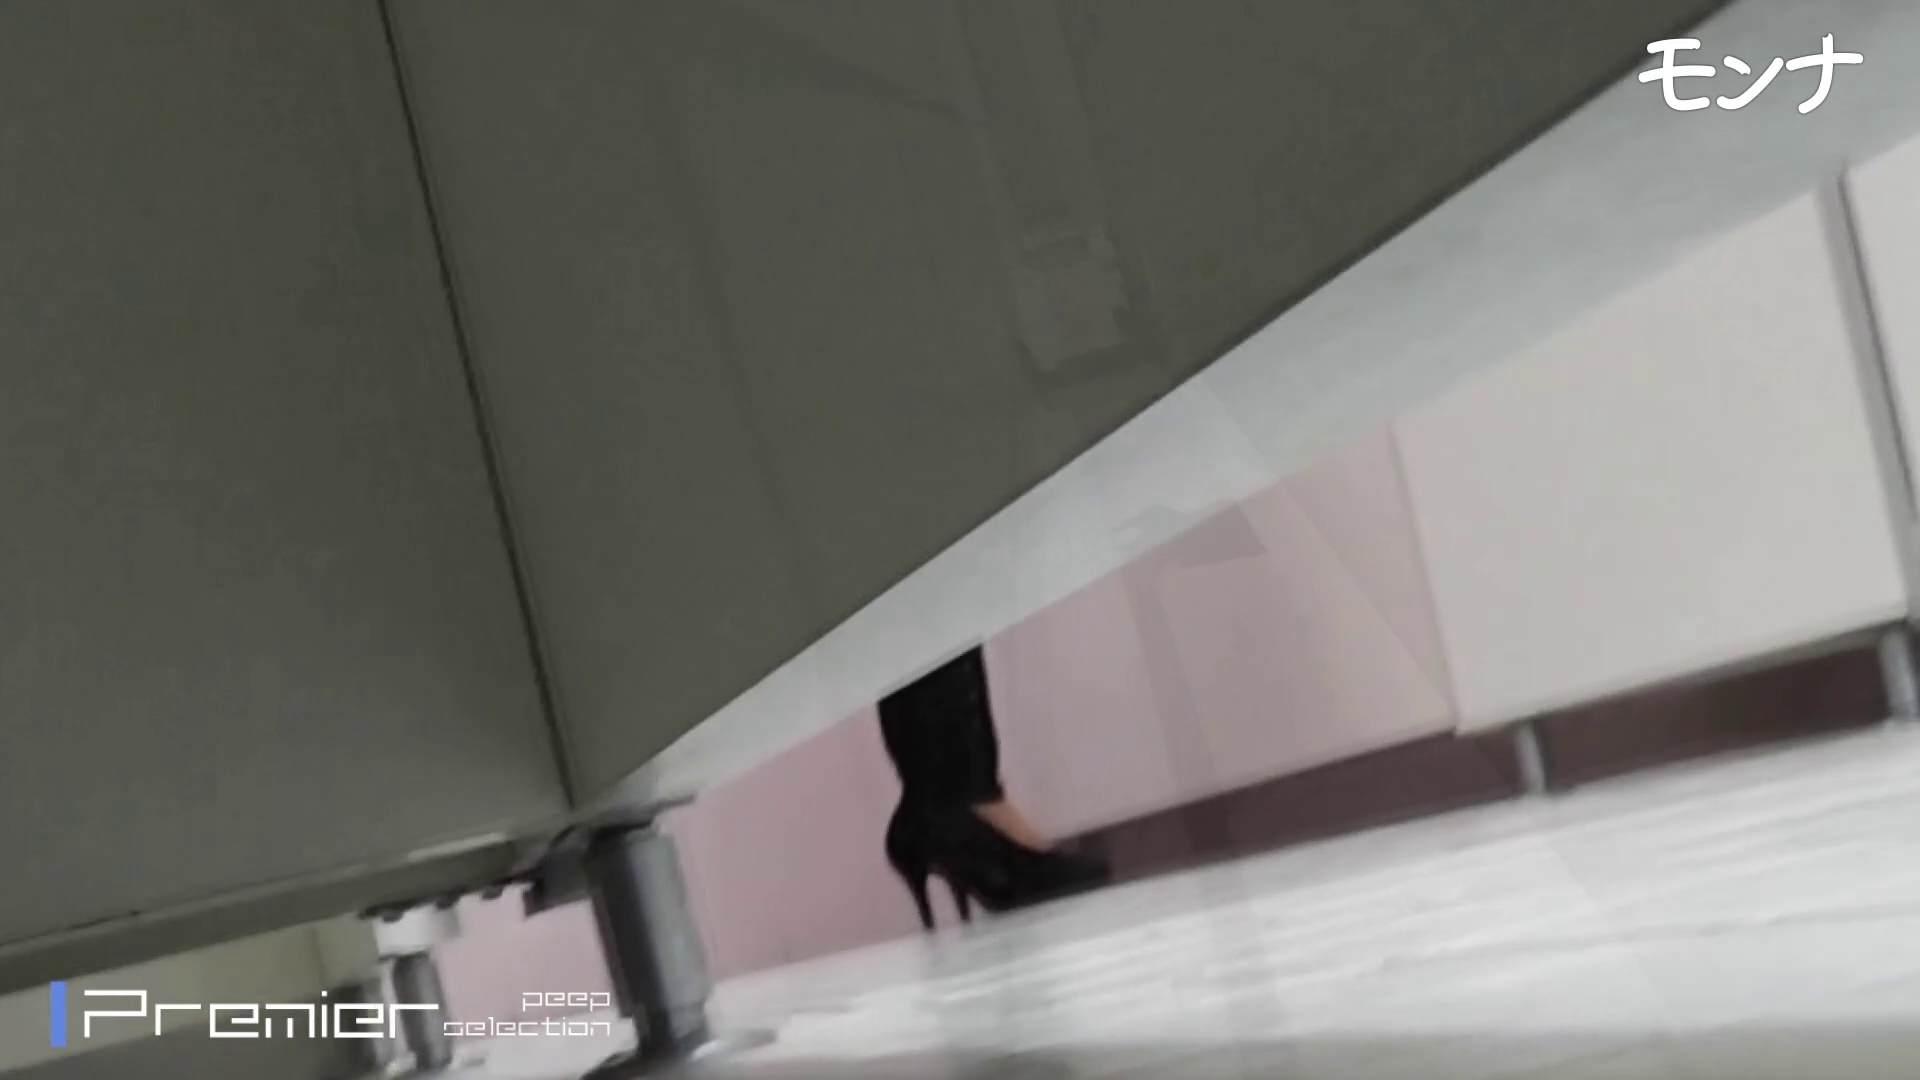 CM 悶絶シリーズ5 【美しい日本の未来 No.128】 おまんこ無修正 | 盗撮  100PIX 97